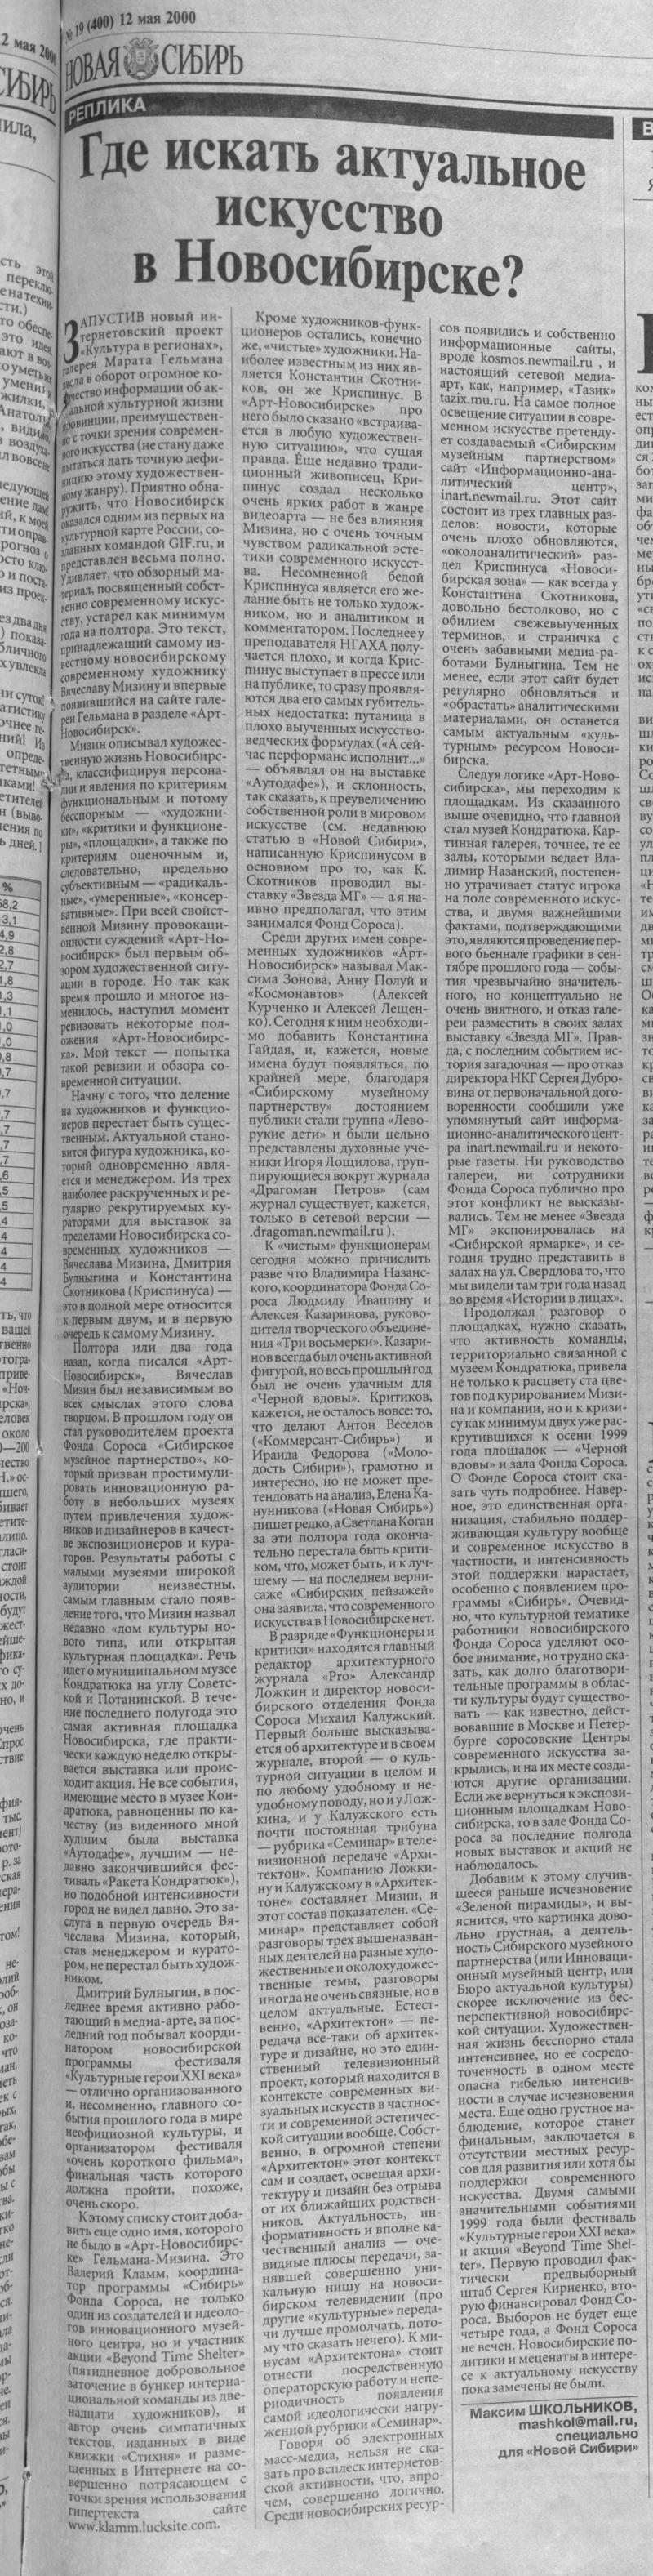 Где искать актуальное искусство в Новосибирске?